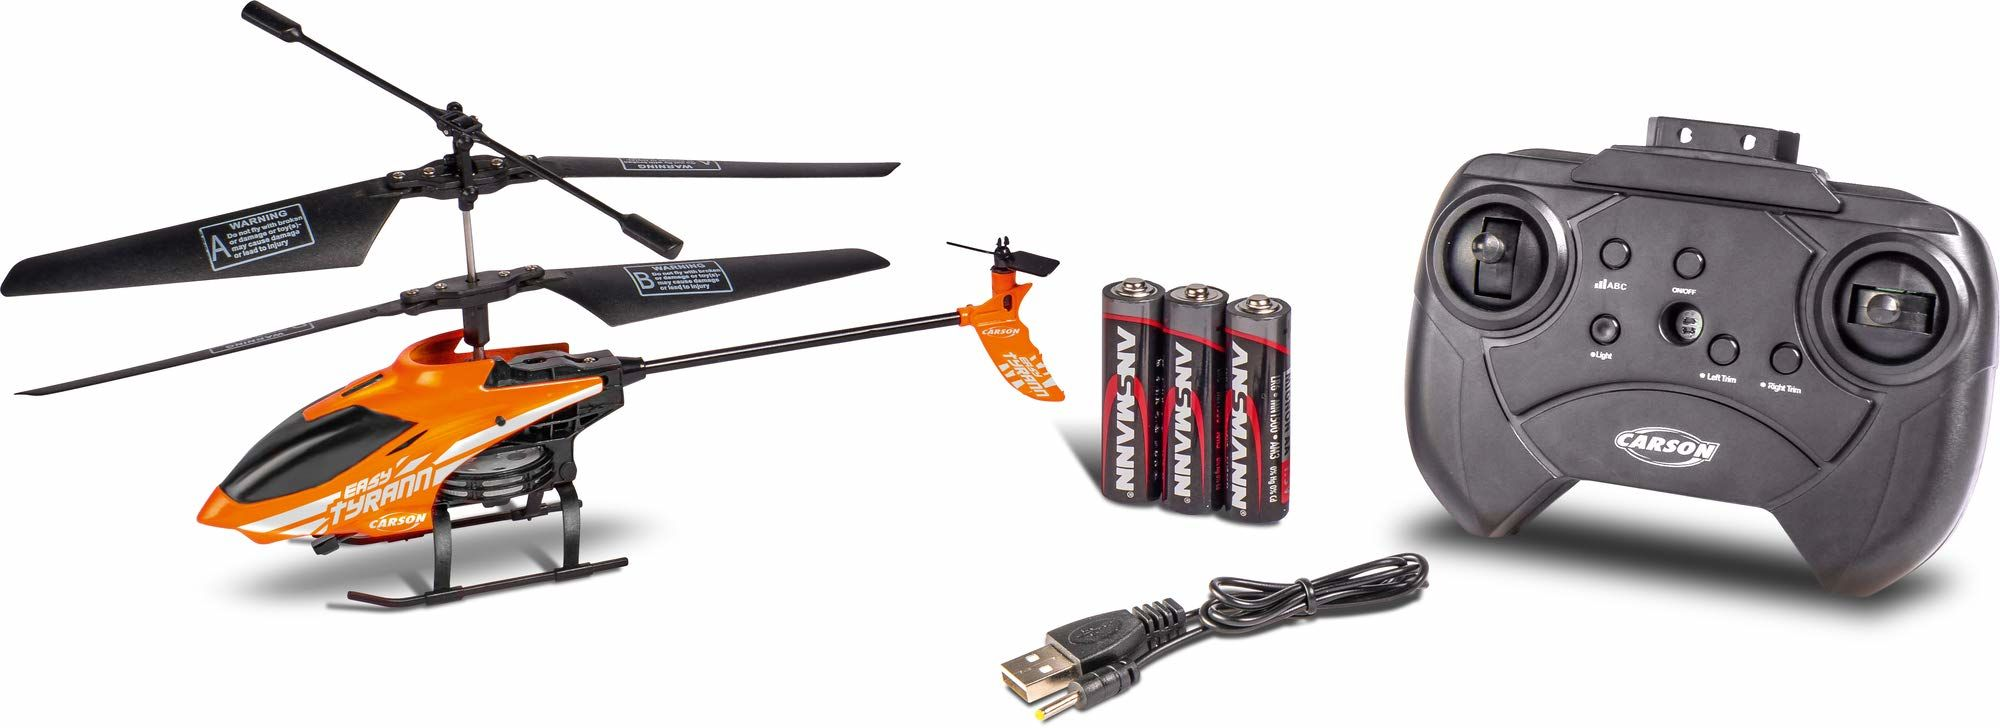 Carson 500507155 Nano Tyrann 230 Gyro IR 2CH, 100% gotowy do lotu, zdalnie sterowany helikopter RC, w zestawie baterie i pilot zdalnego sterowania